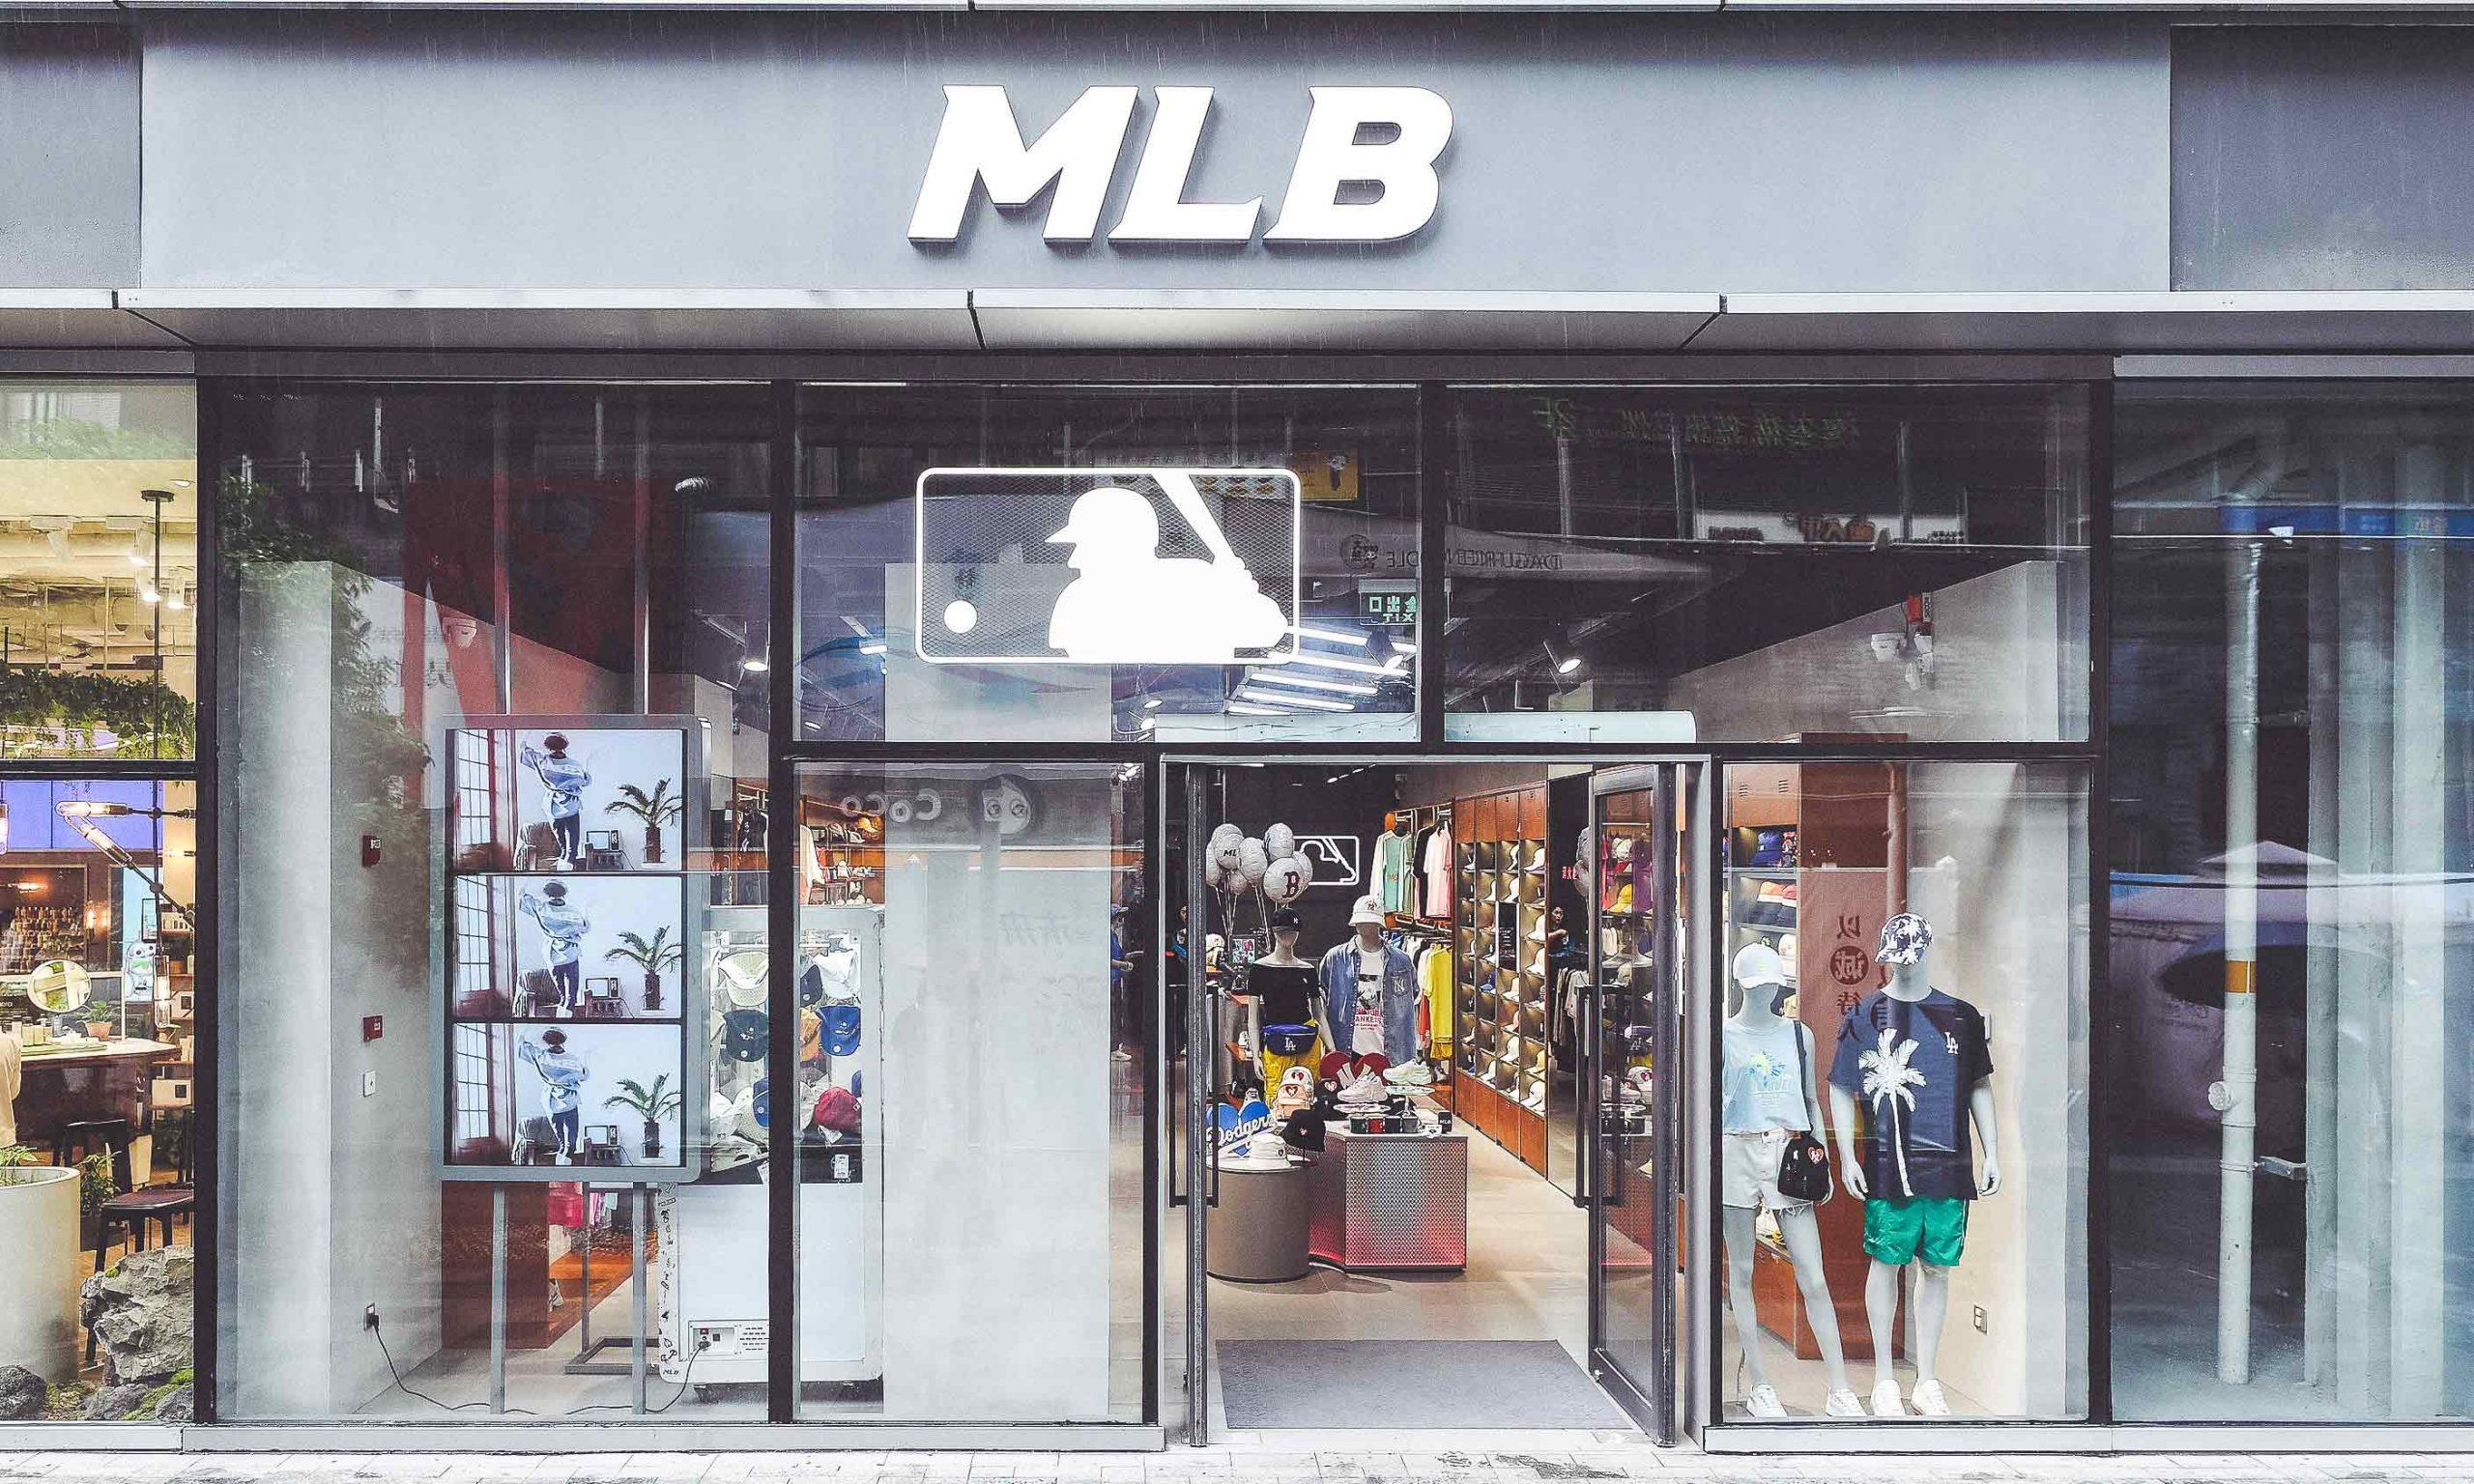 打造潮流配资官网 新体验,MLB 上海四季坊店开业